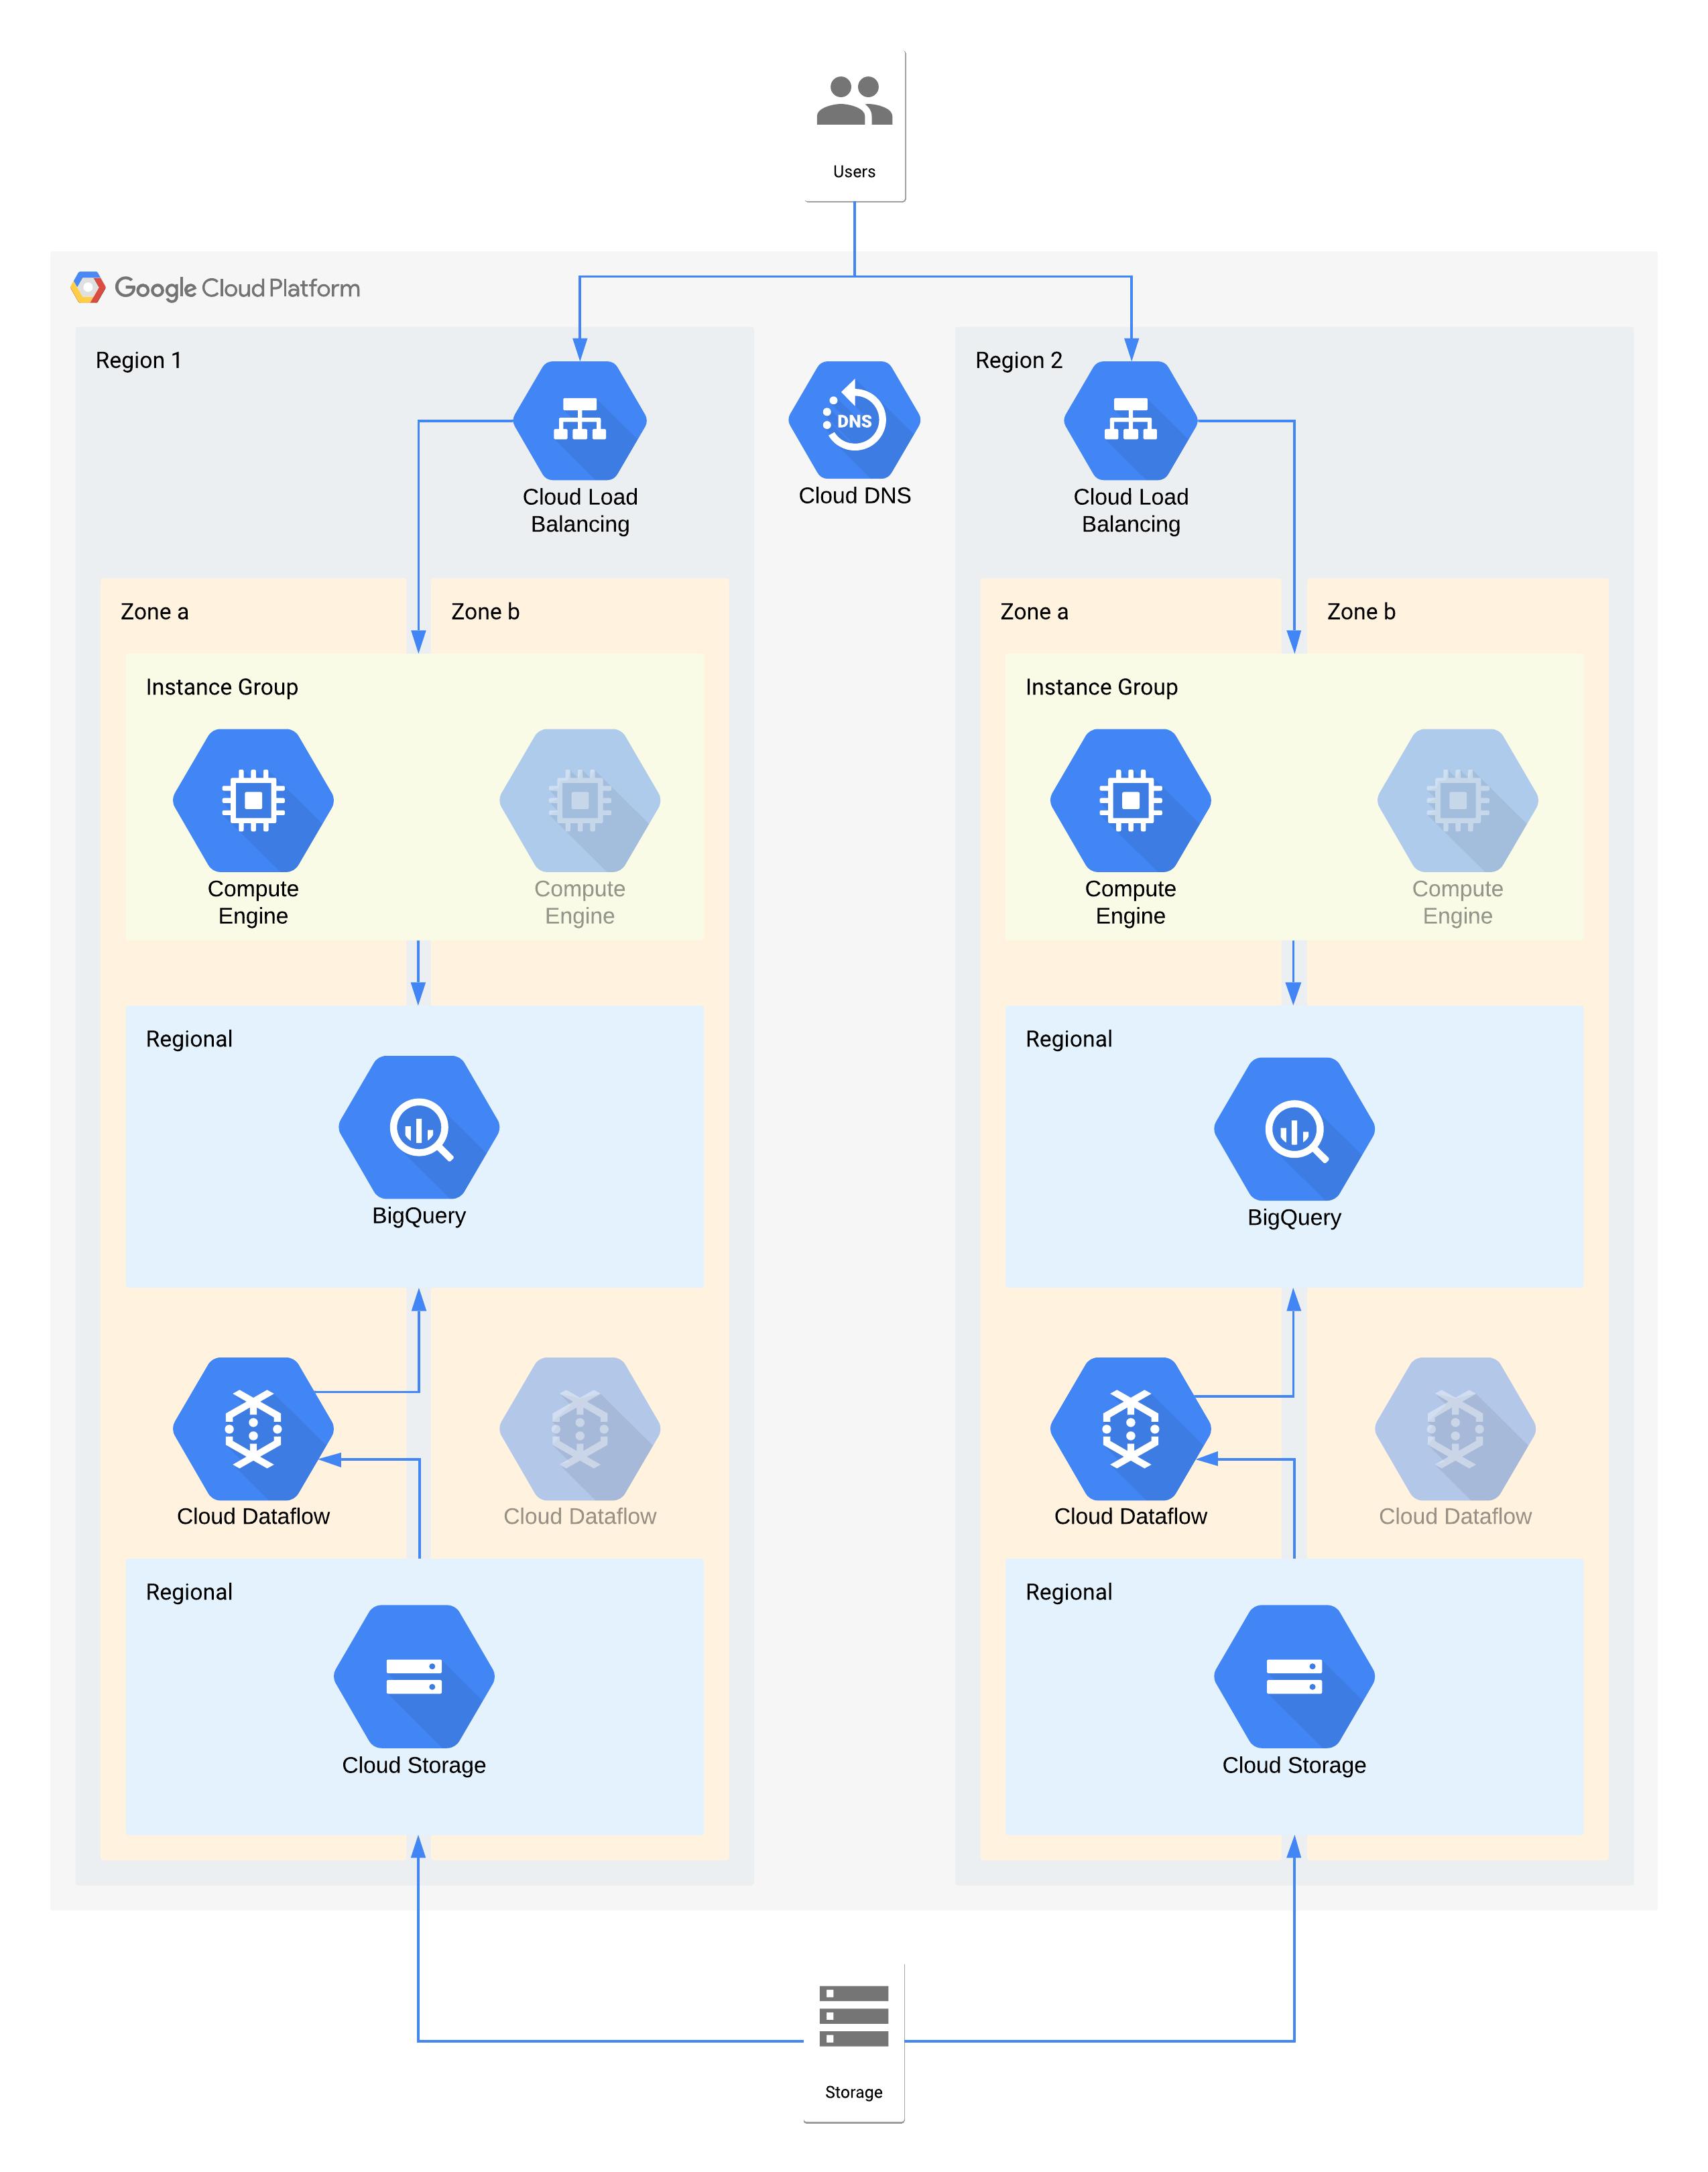 Beispiel einer Architektur der Stufe2 mit Google Cloud-Produkten